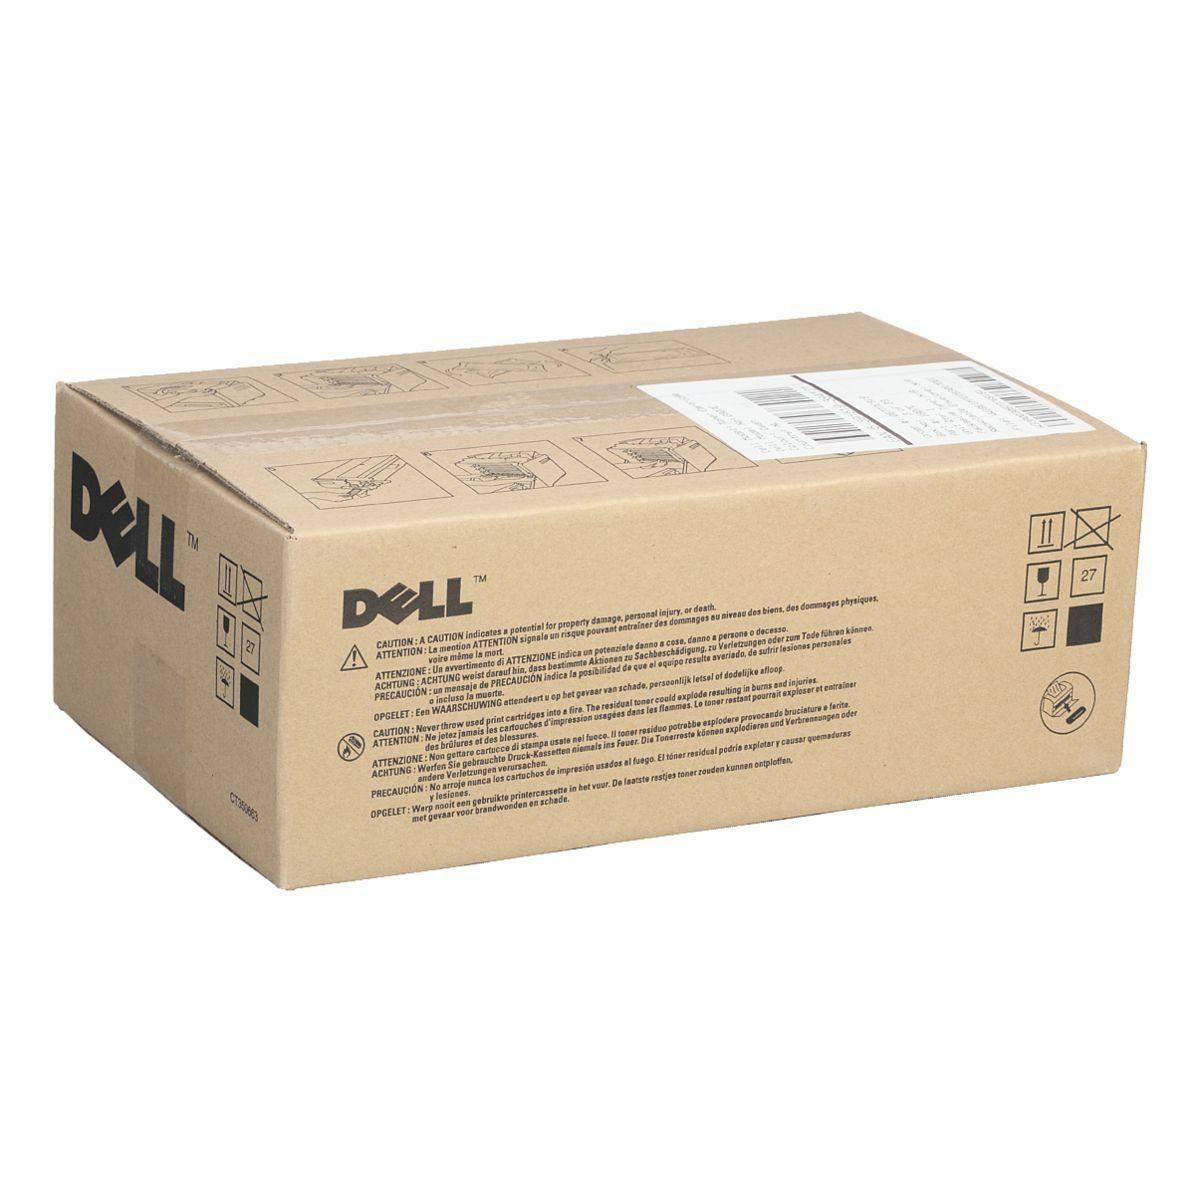 Dell Tonerkartusche »593-10294«